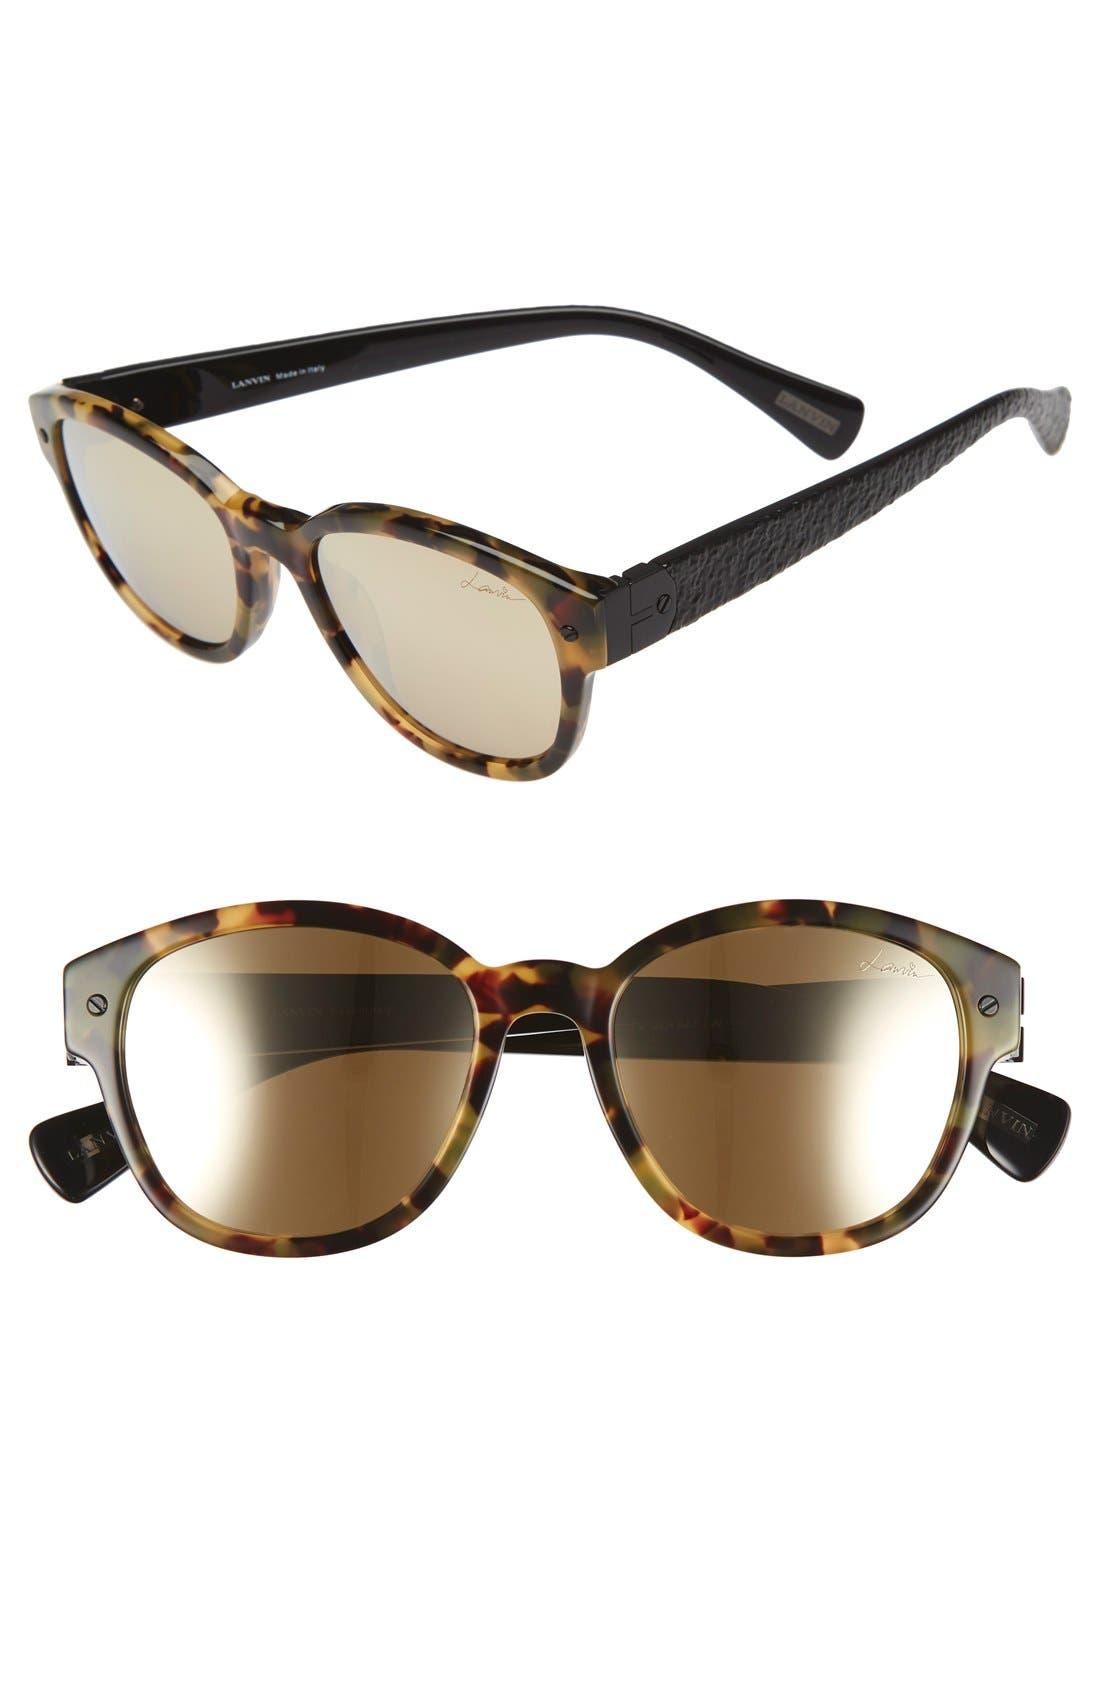 Lanvin 50mm Retro Sunglasses